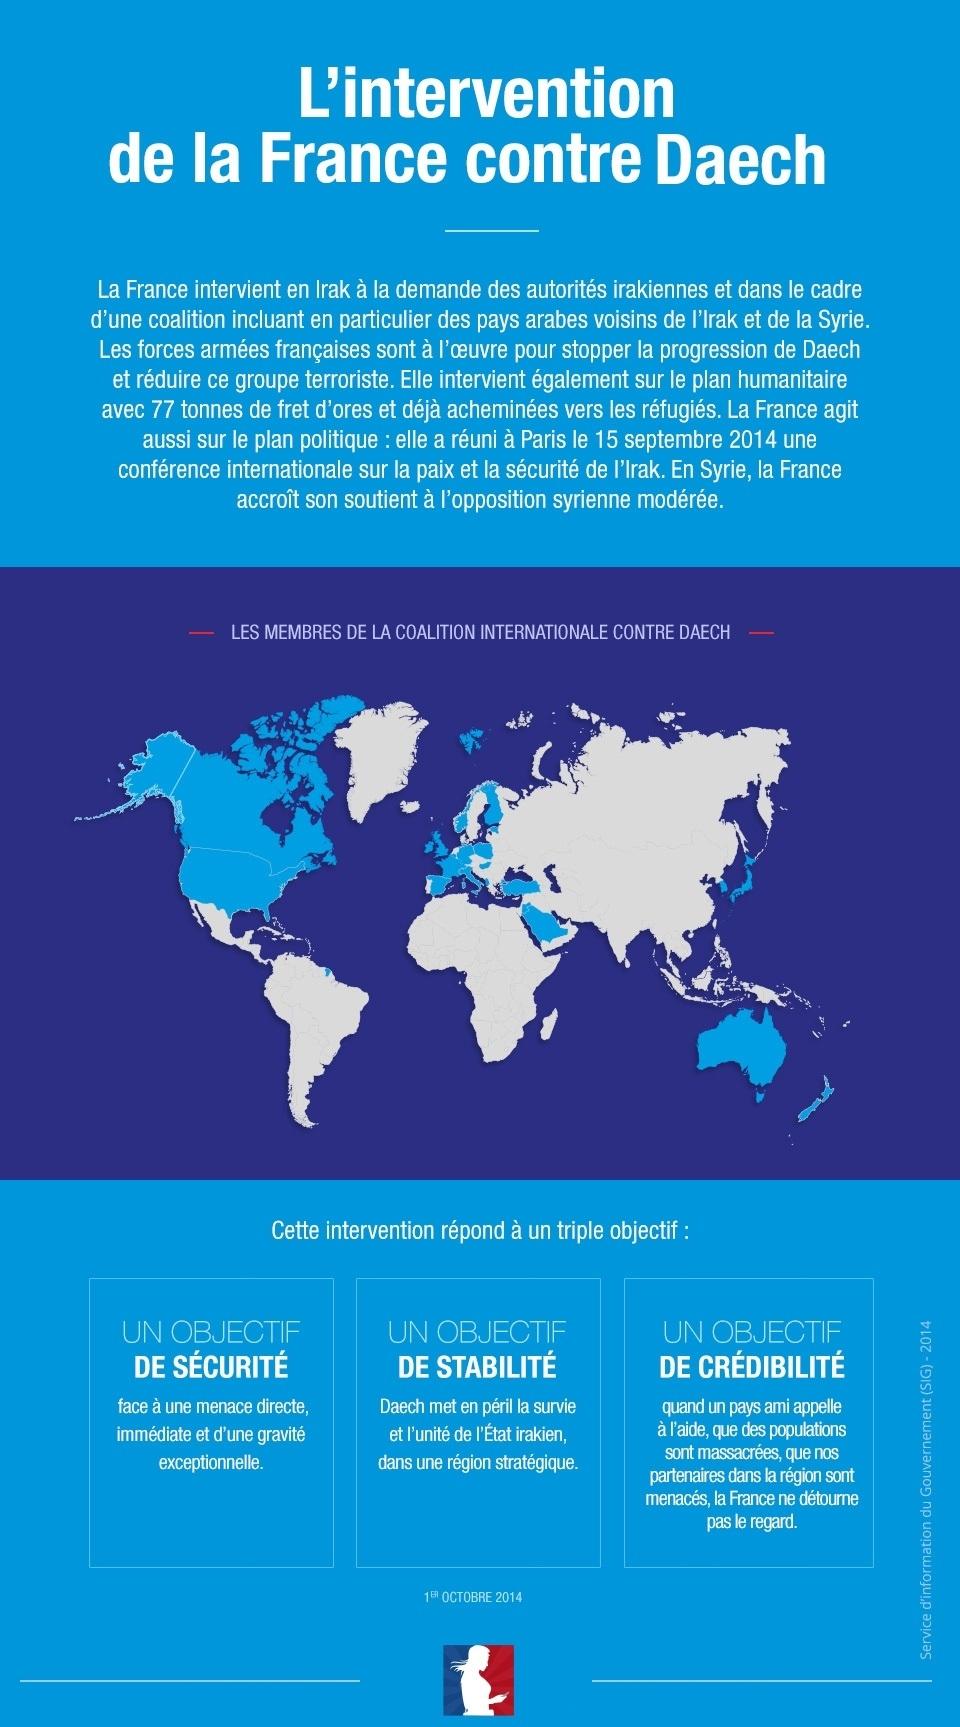 Infographie sur l'intervention de la France contre Daech - voir en plus grand